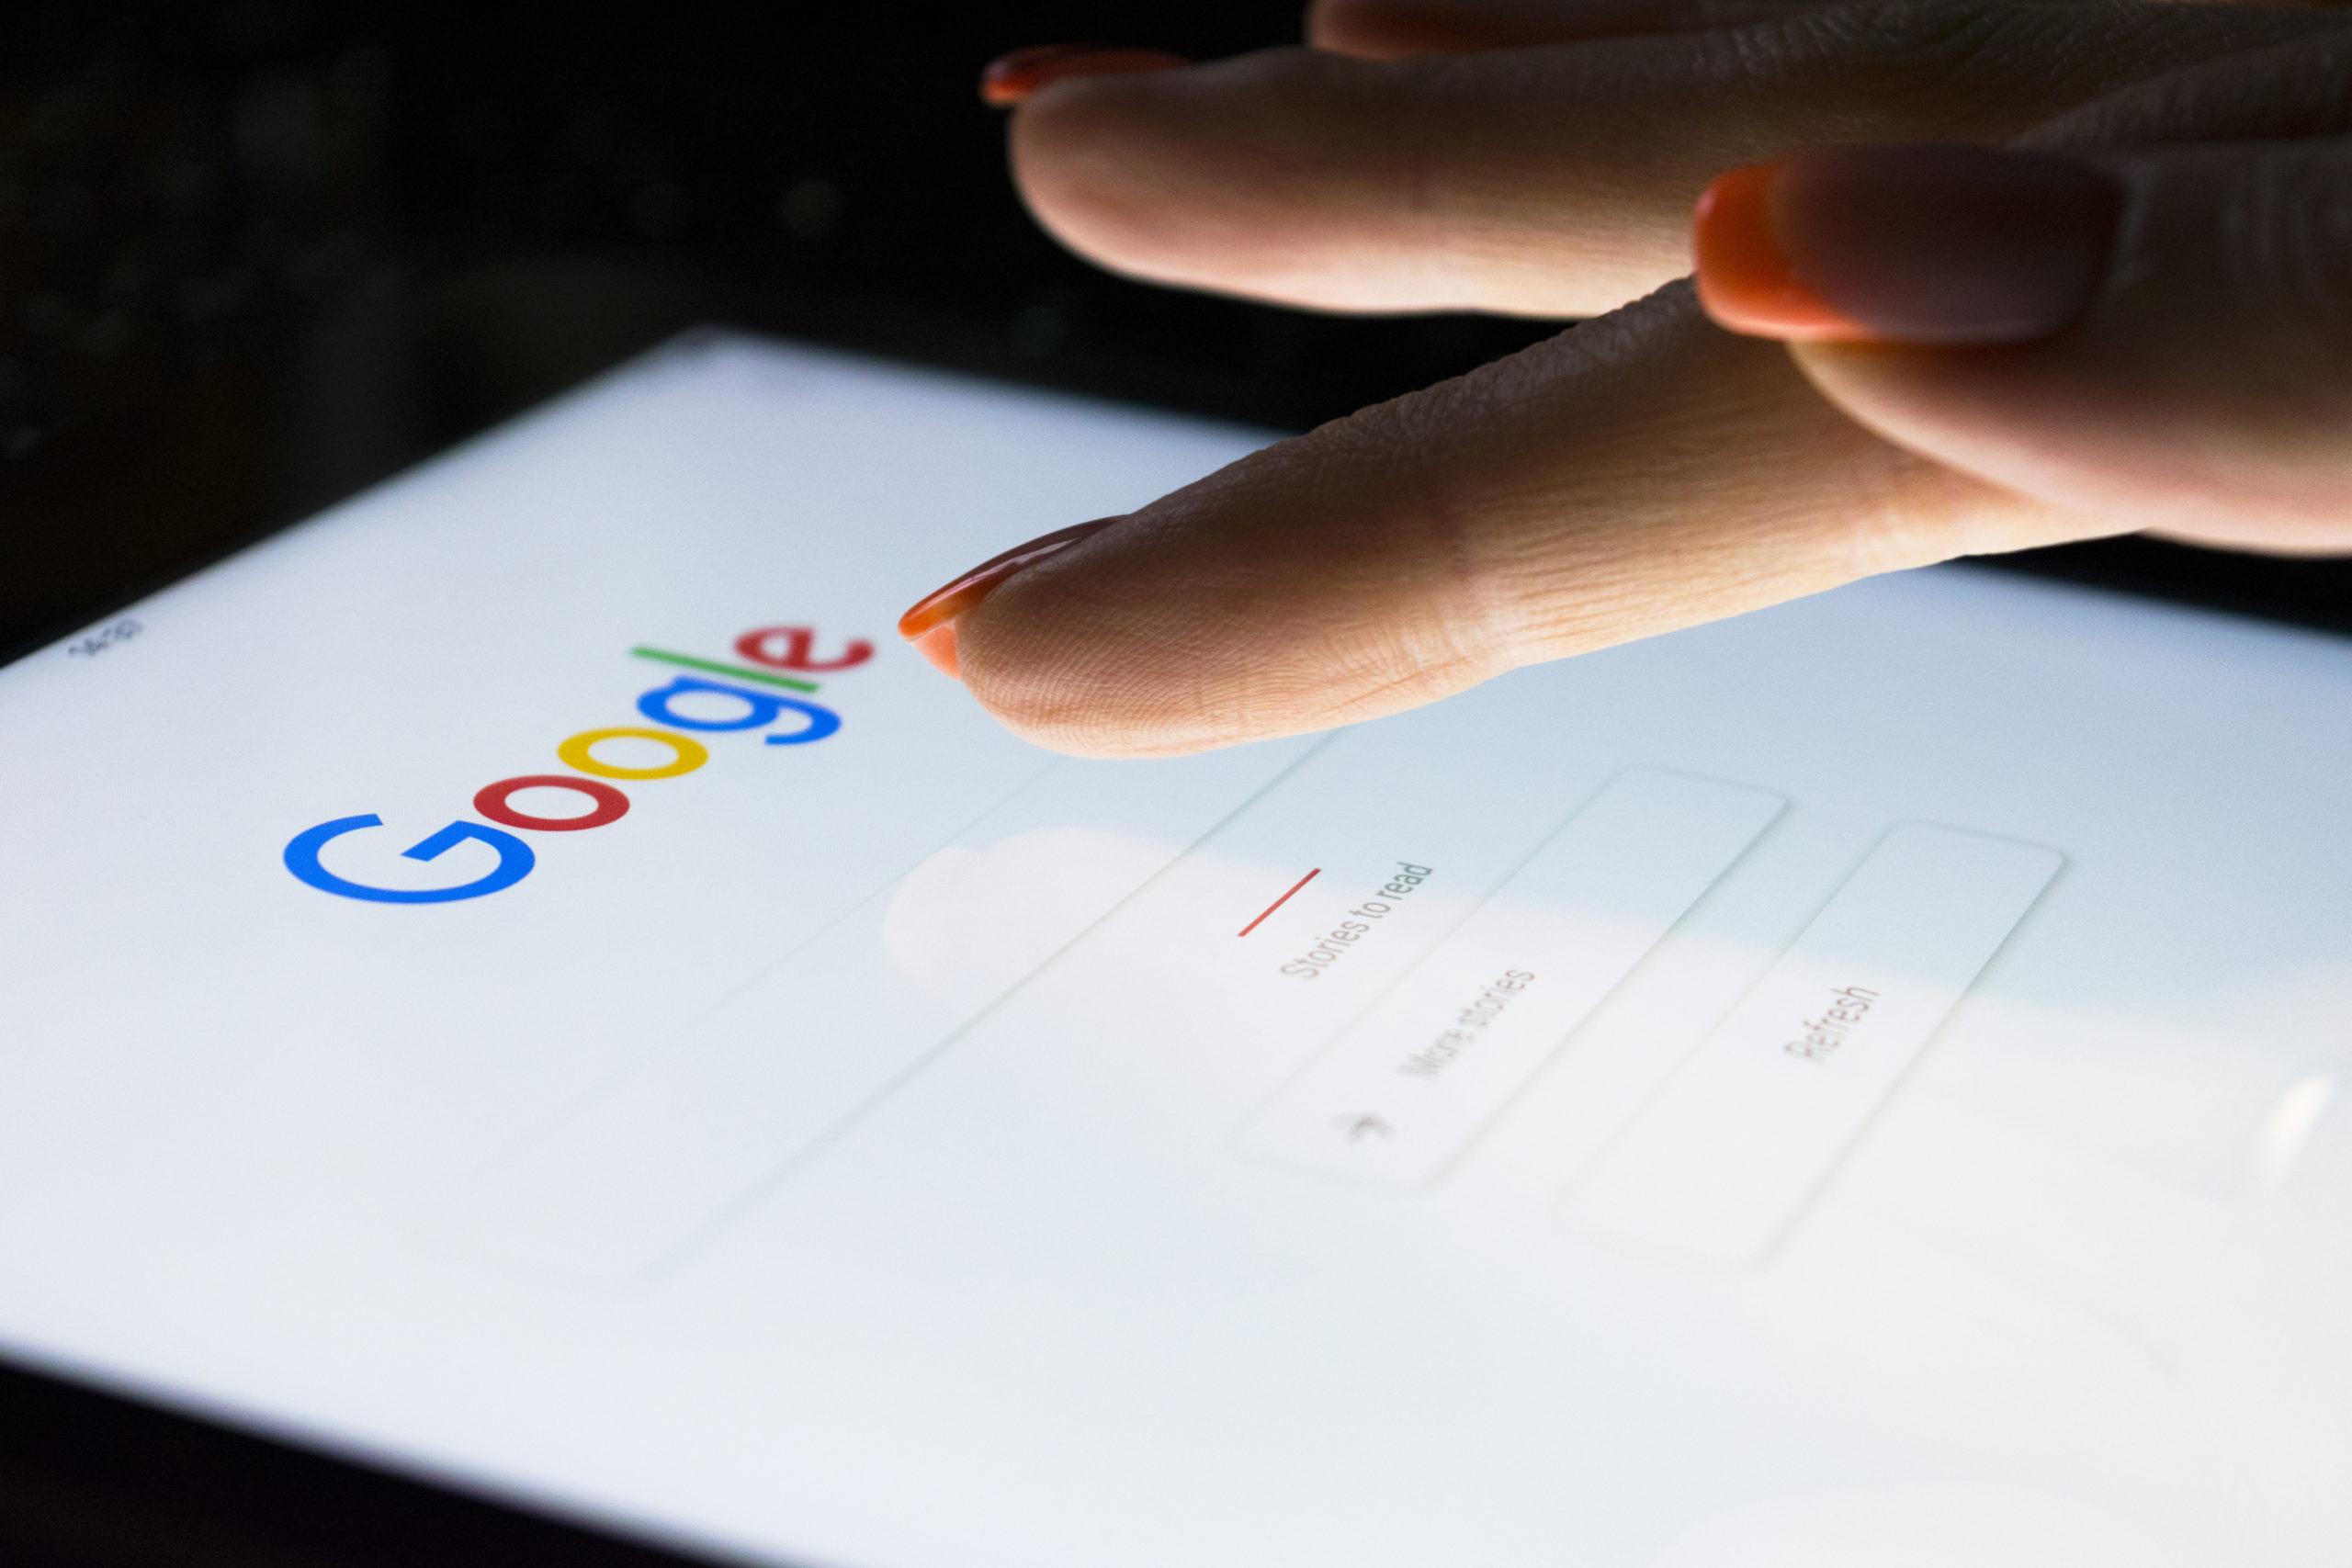 Google ne sera plus un moteur de recherche mais un moteur de réponses en 2020